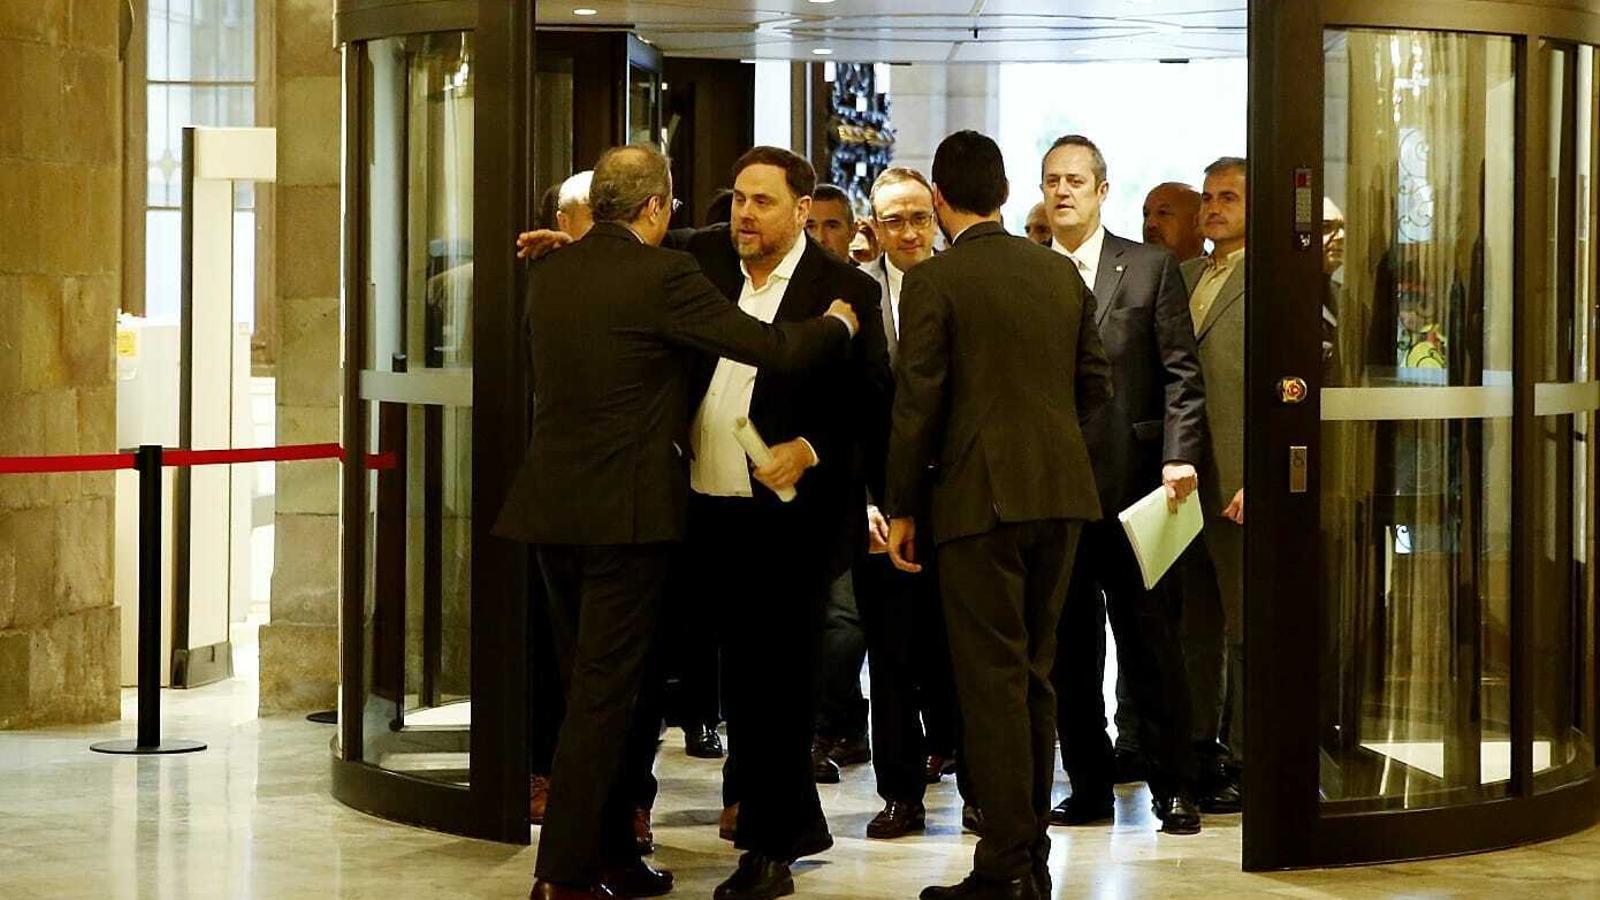 Oriol Junqueras s'abraçada amb Quim torra a l'arribada al Parlament per comparèixer a la comissió del 155